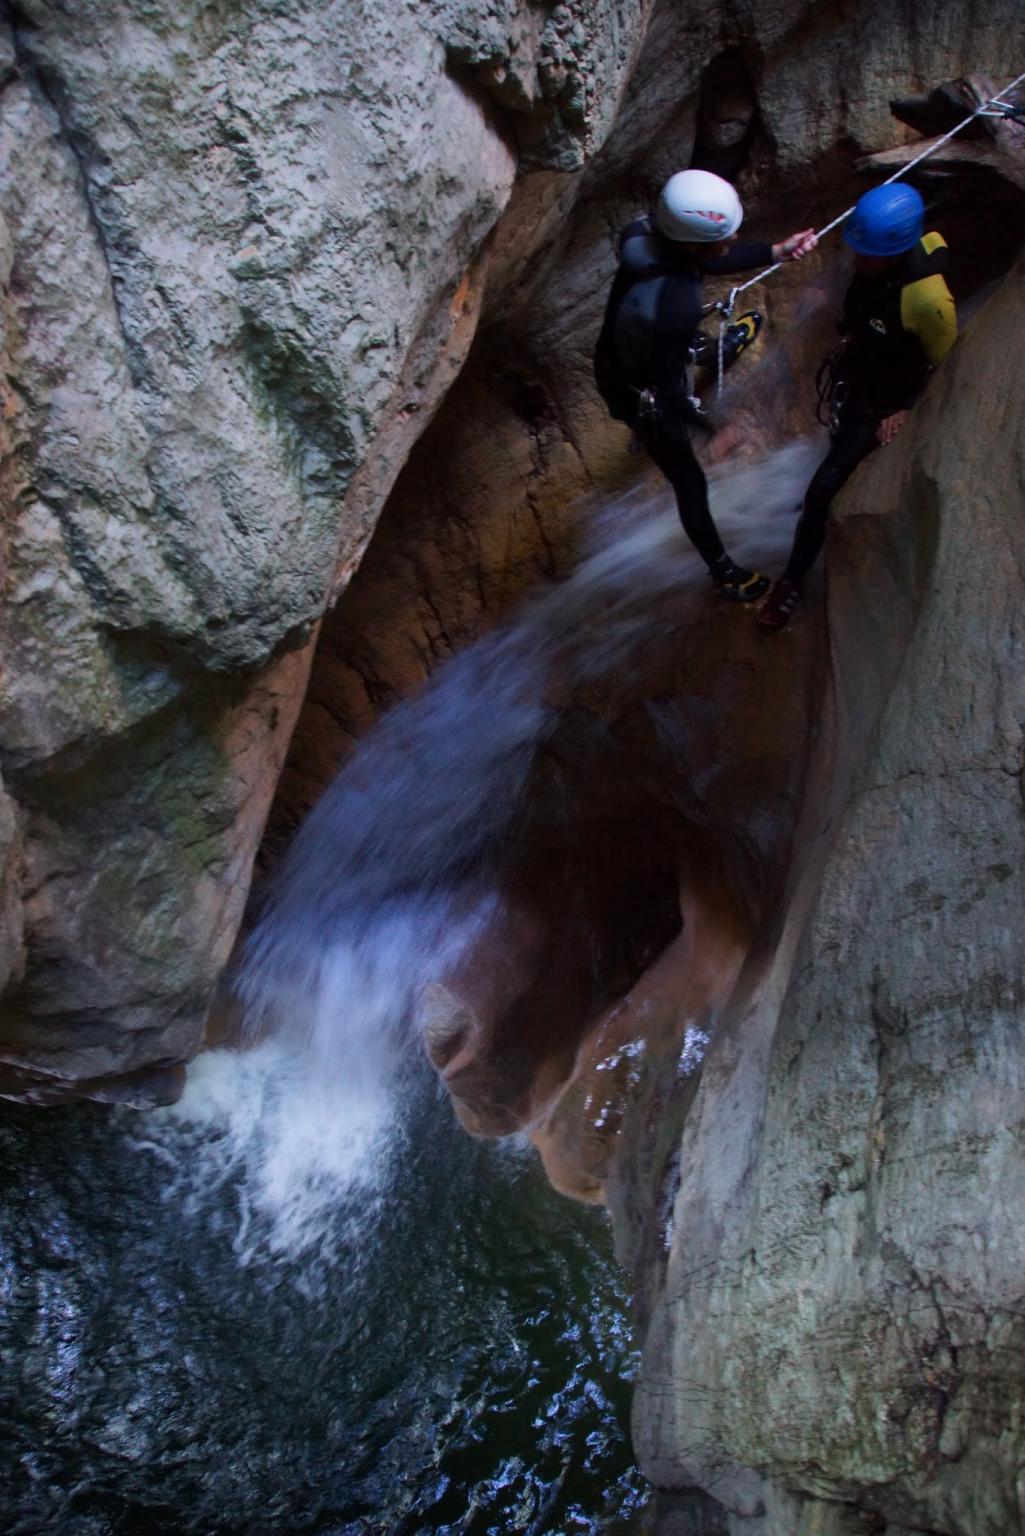 Préparation au saut de 7m. Le rappel est possible pour éviter le saut.